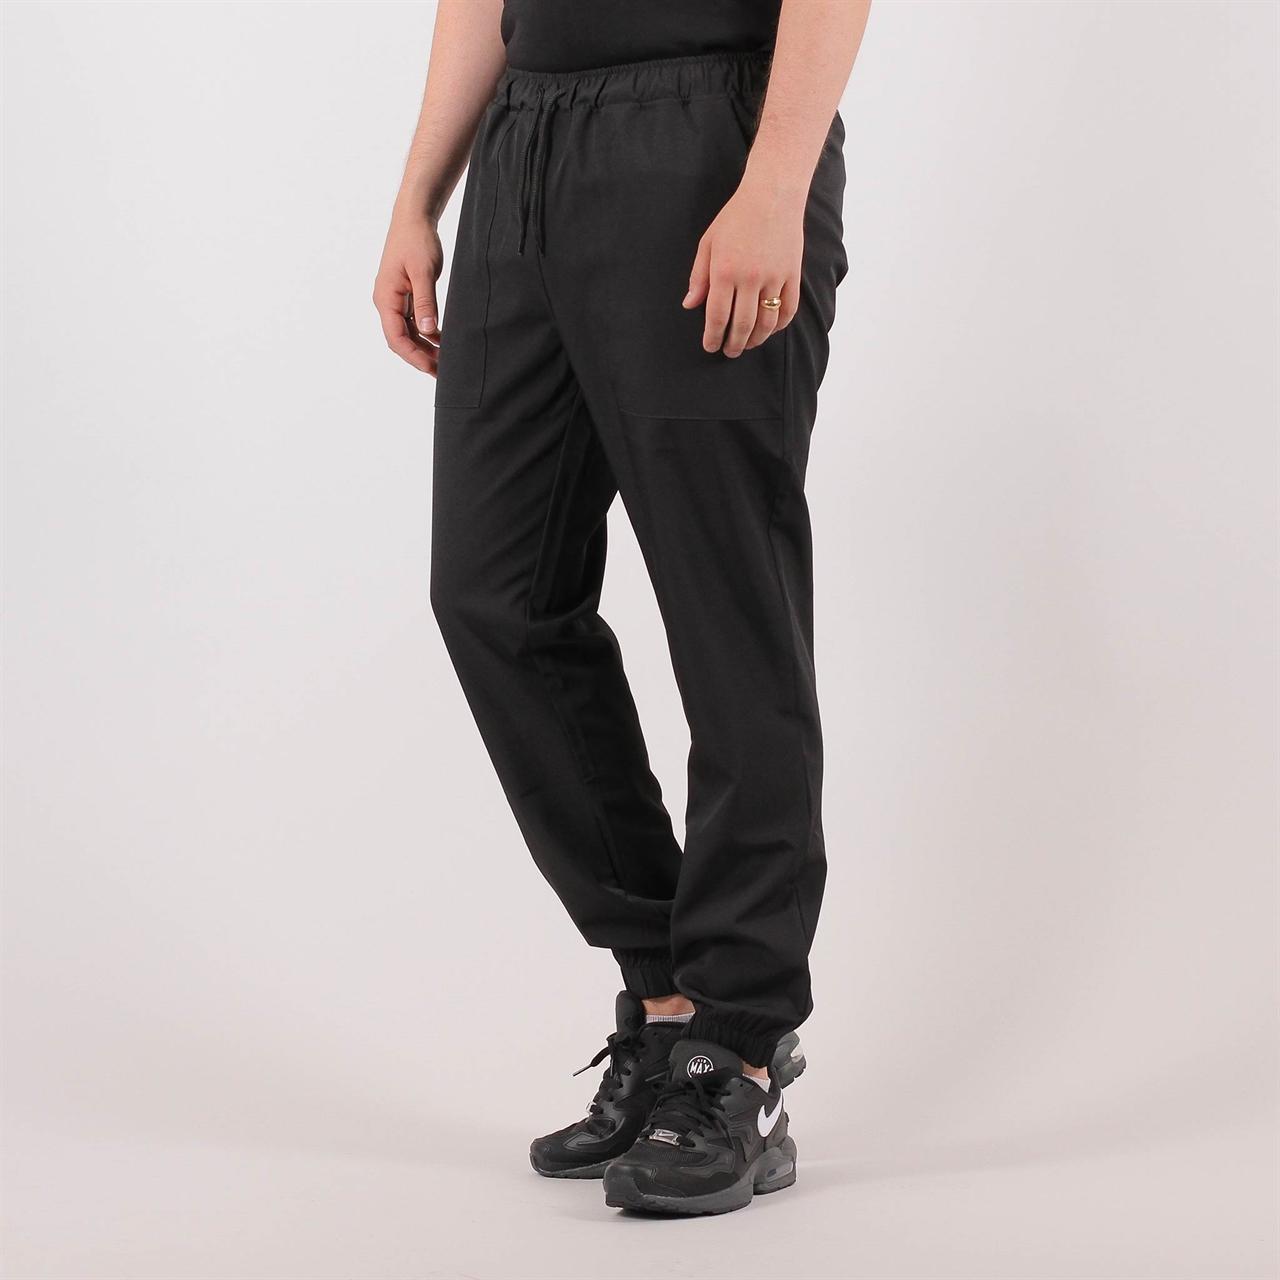 00dc1ee653d567 Le Fix Loose Fit Pants Black (18020400100) - Shelta